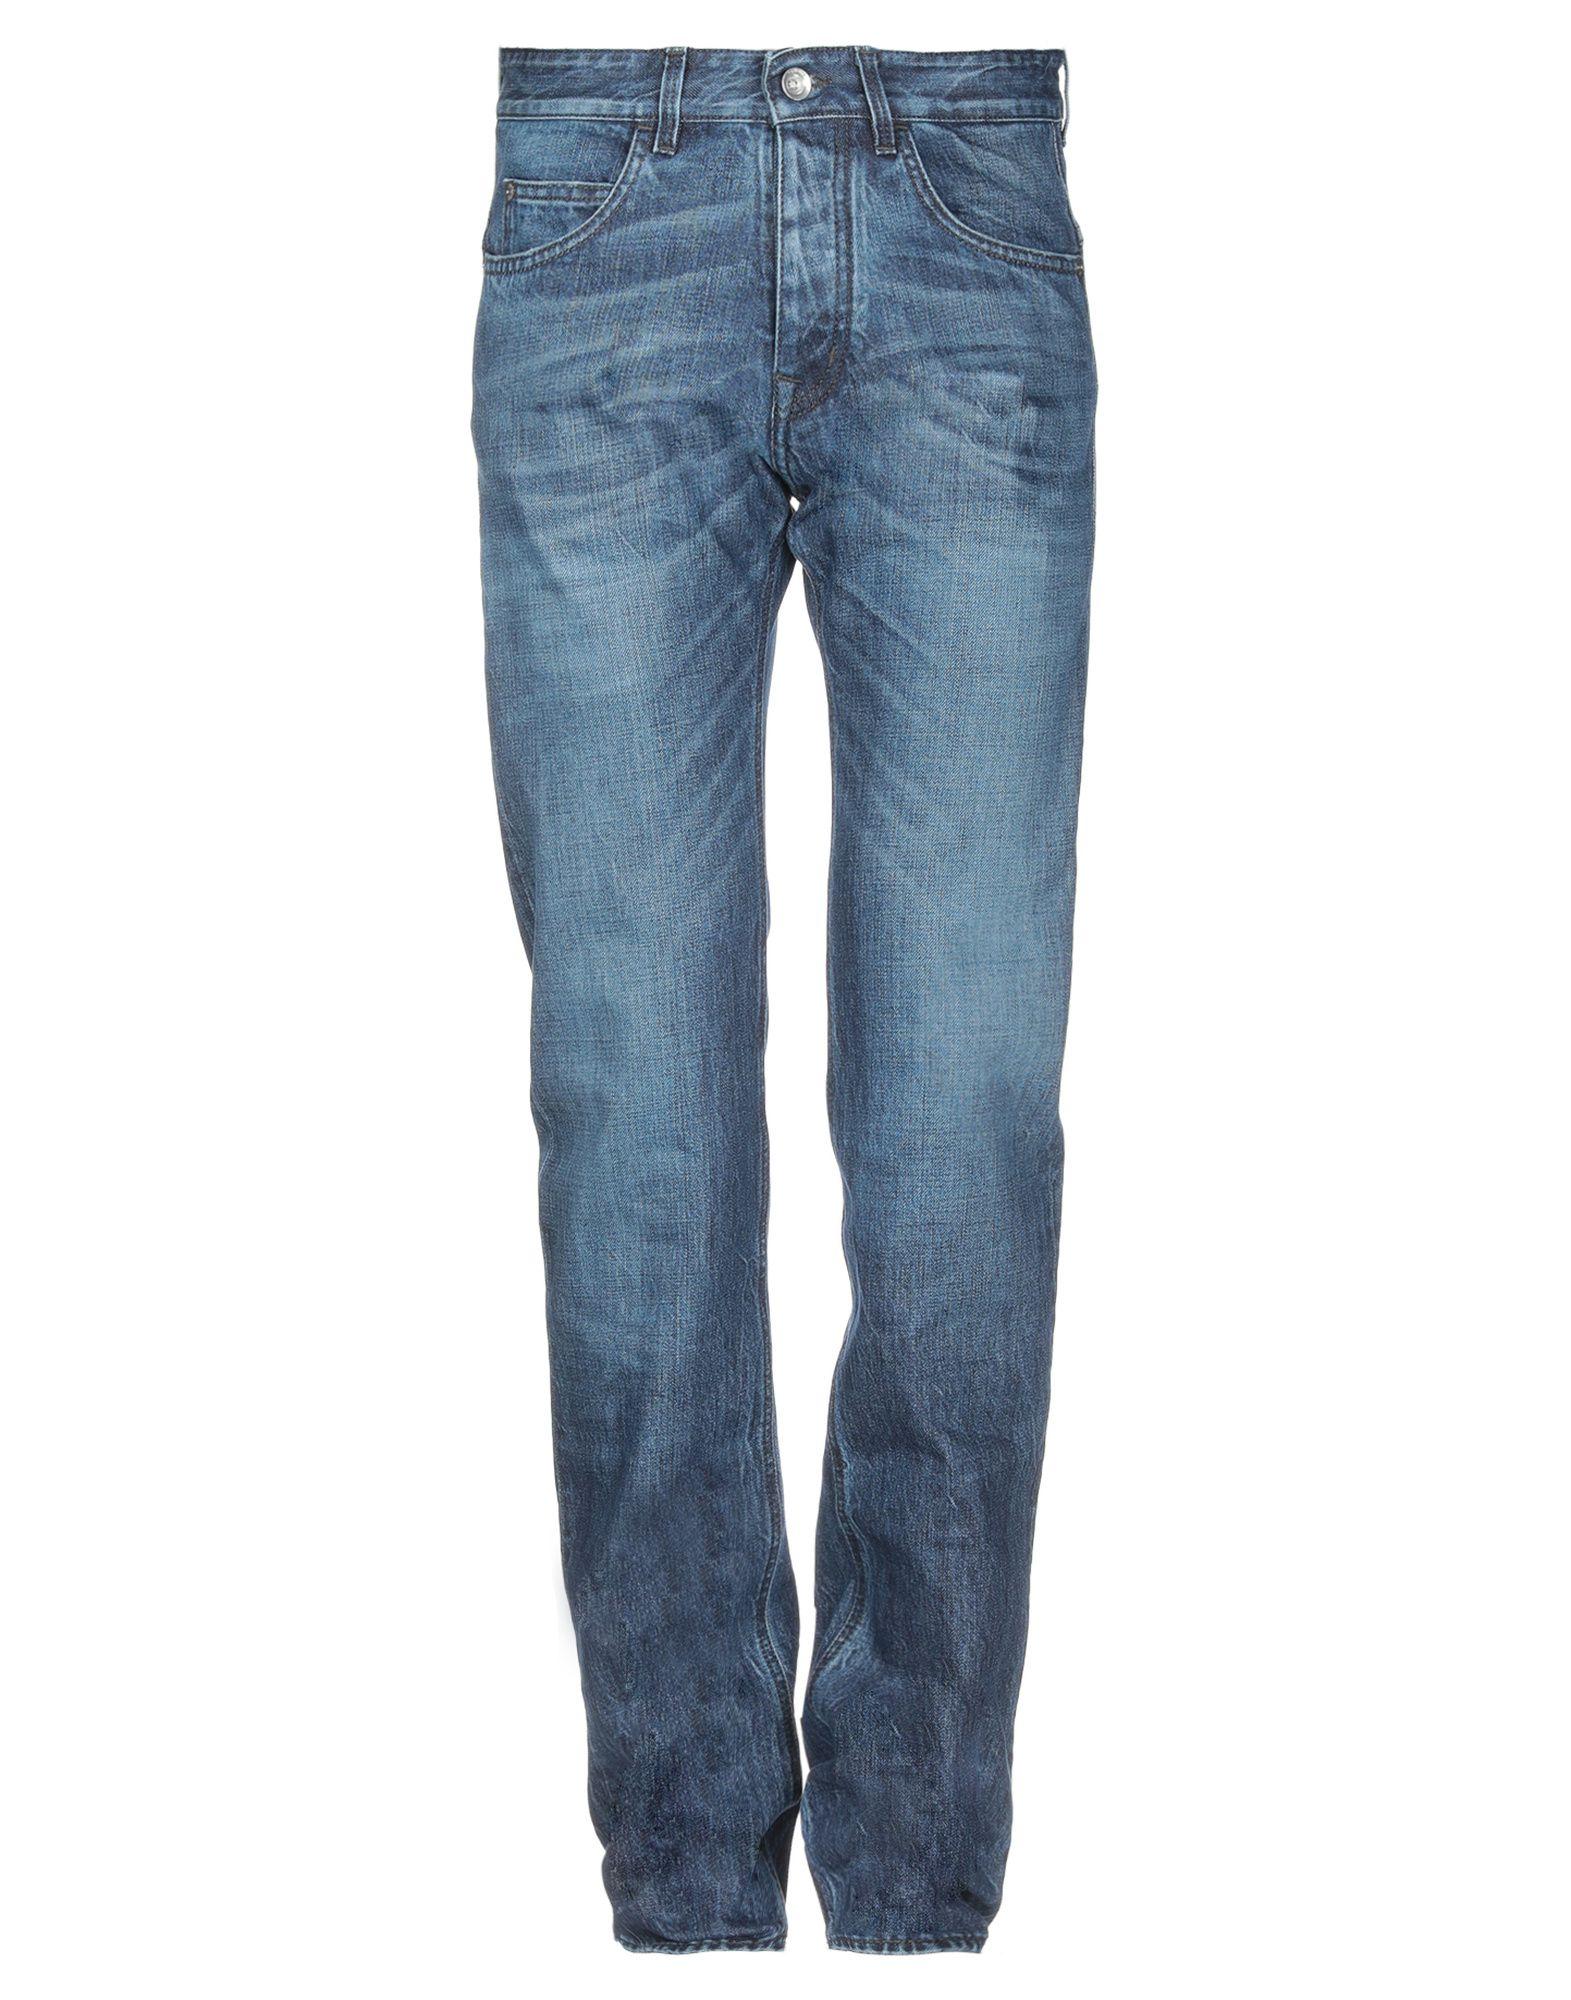 《送料無料》HAIKURE メンズ ジーンズ ブルー 30W-34L オーガニックコットン 100%